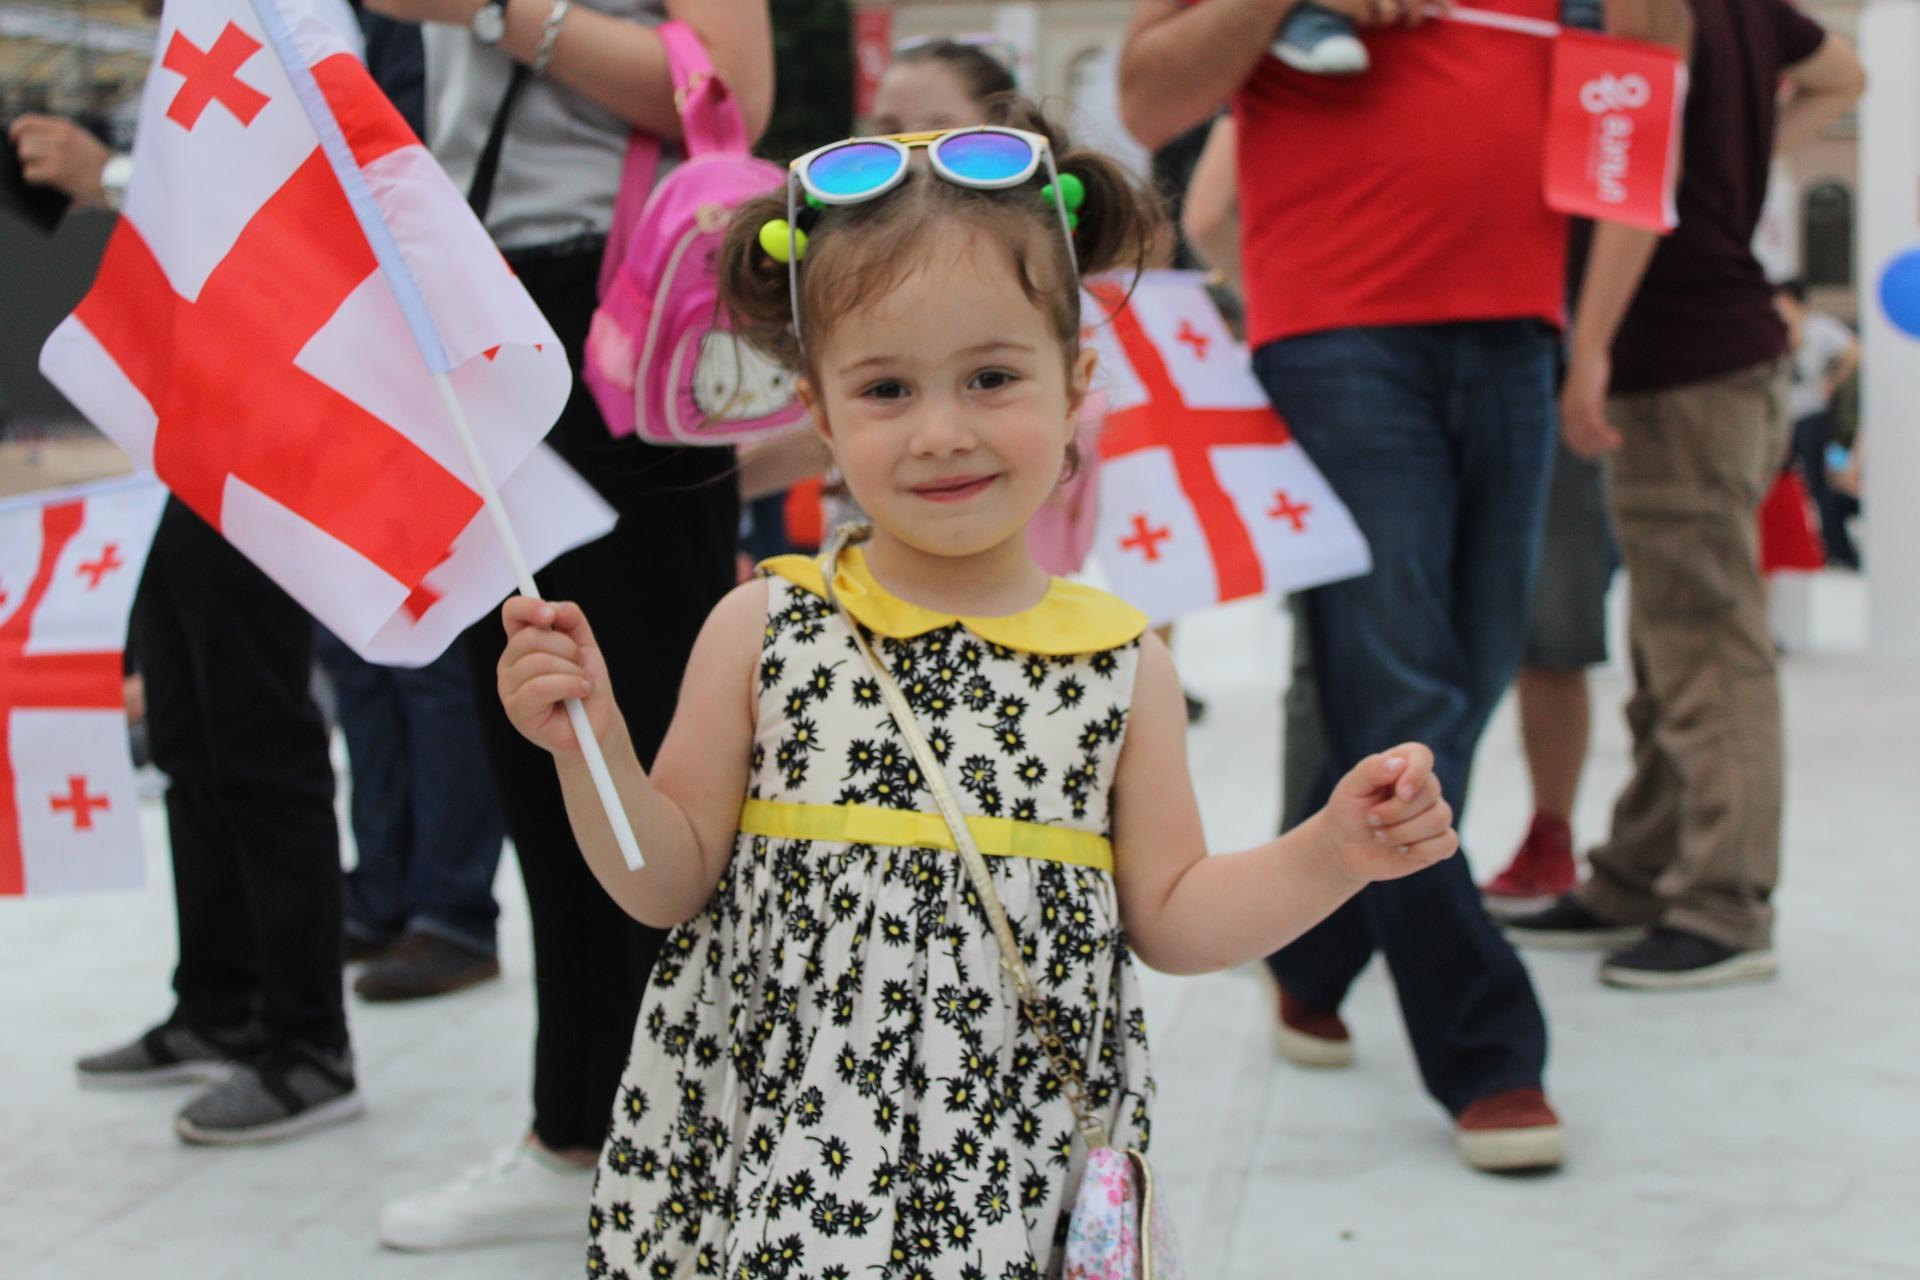 A little Georgian girl